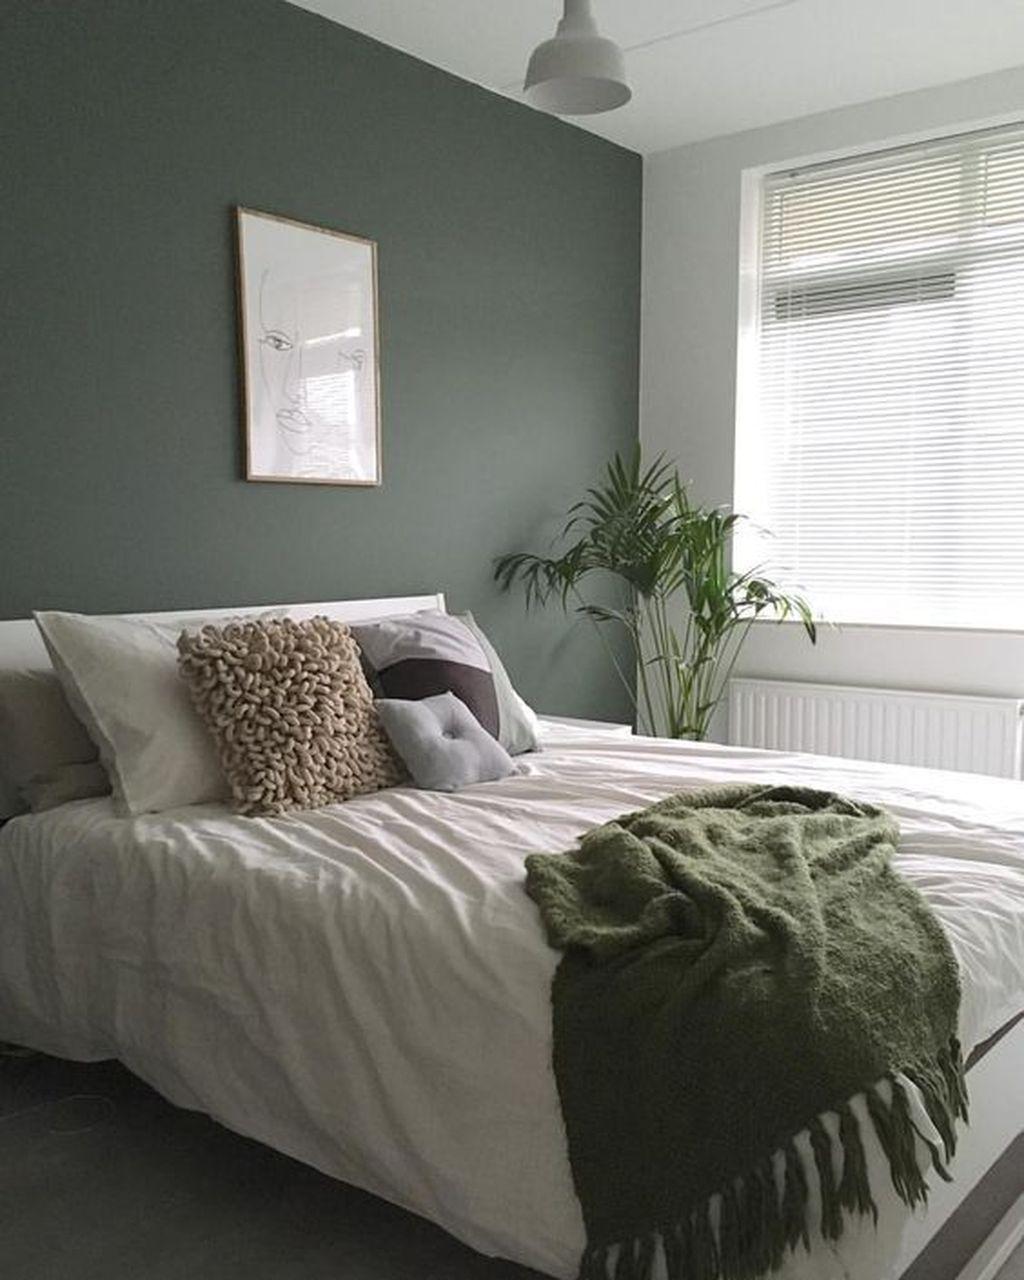 Photo of 50 Vakre og rolige grønne soverom dekorasjonsideer – Trendehouse